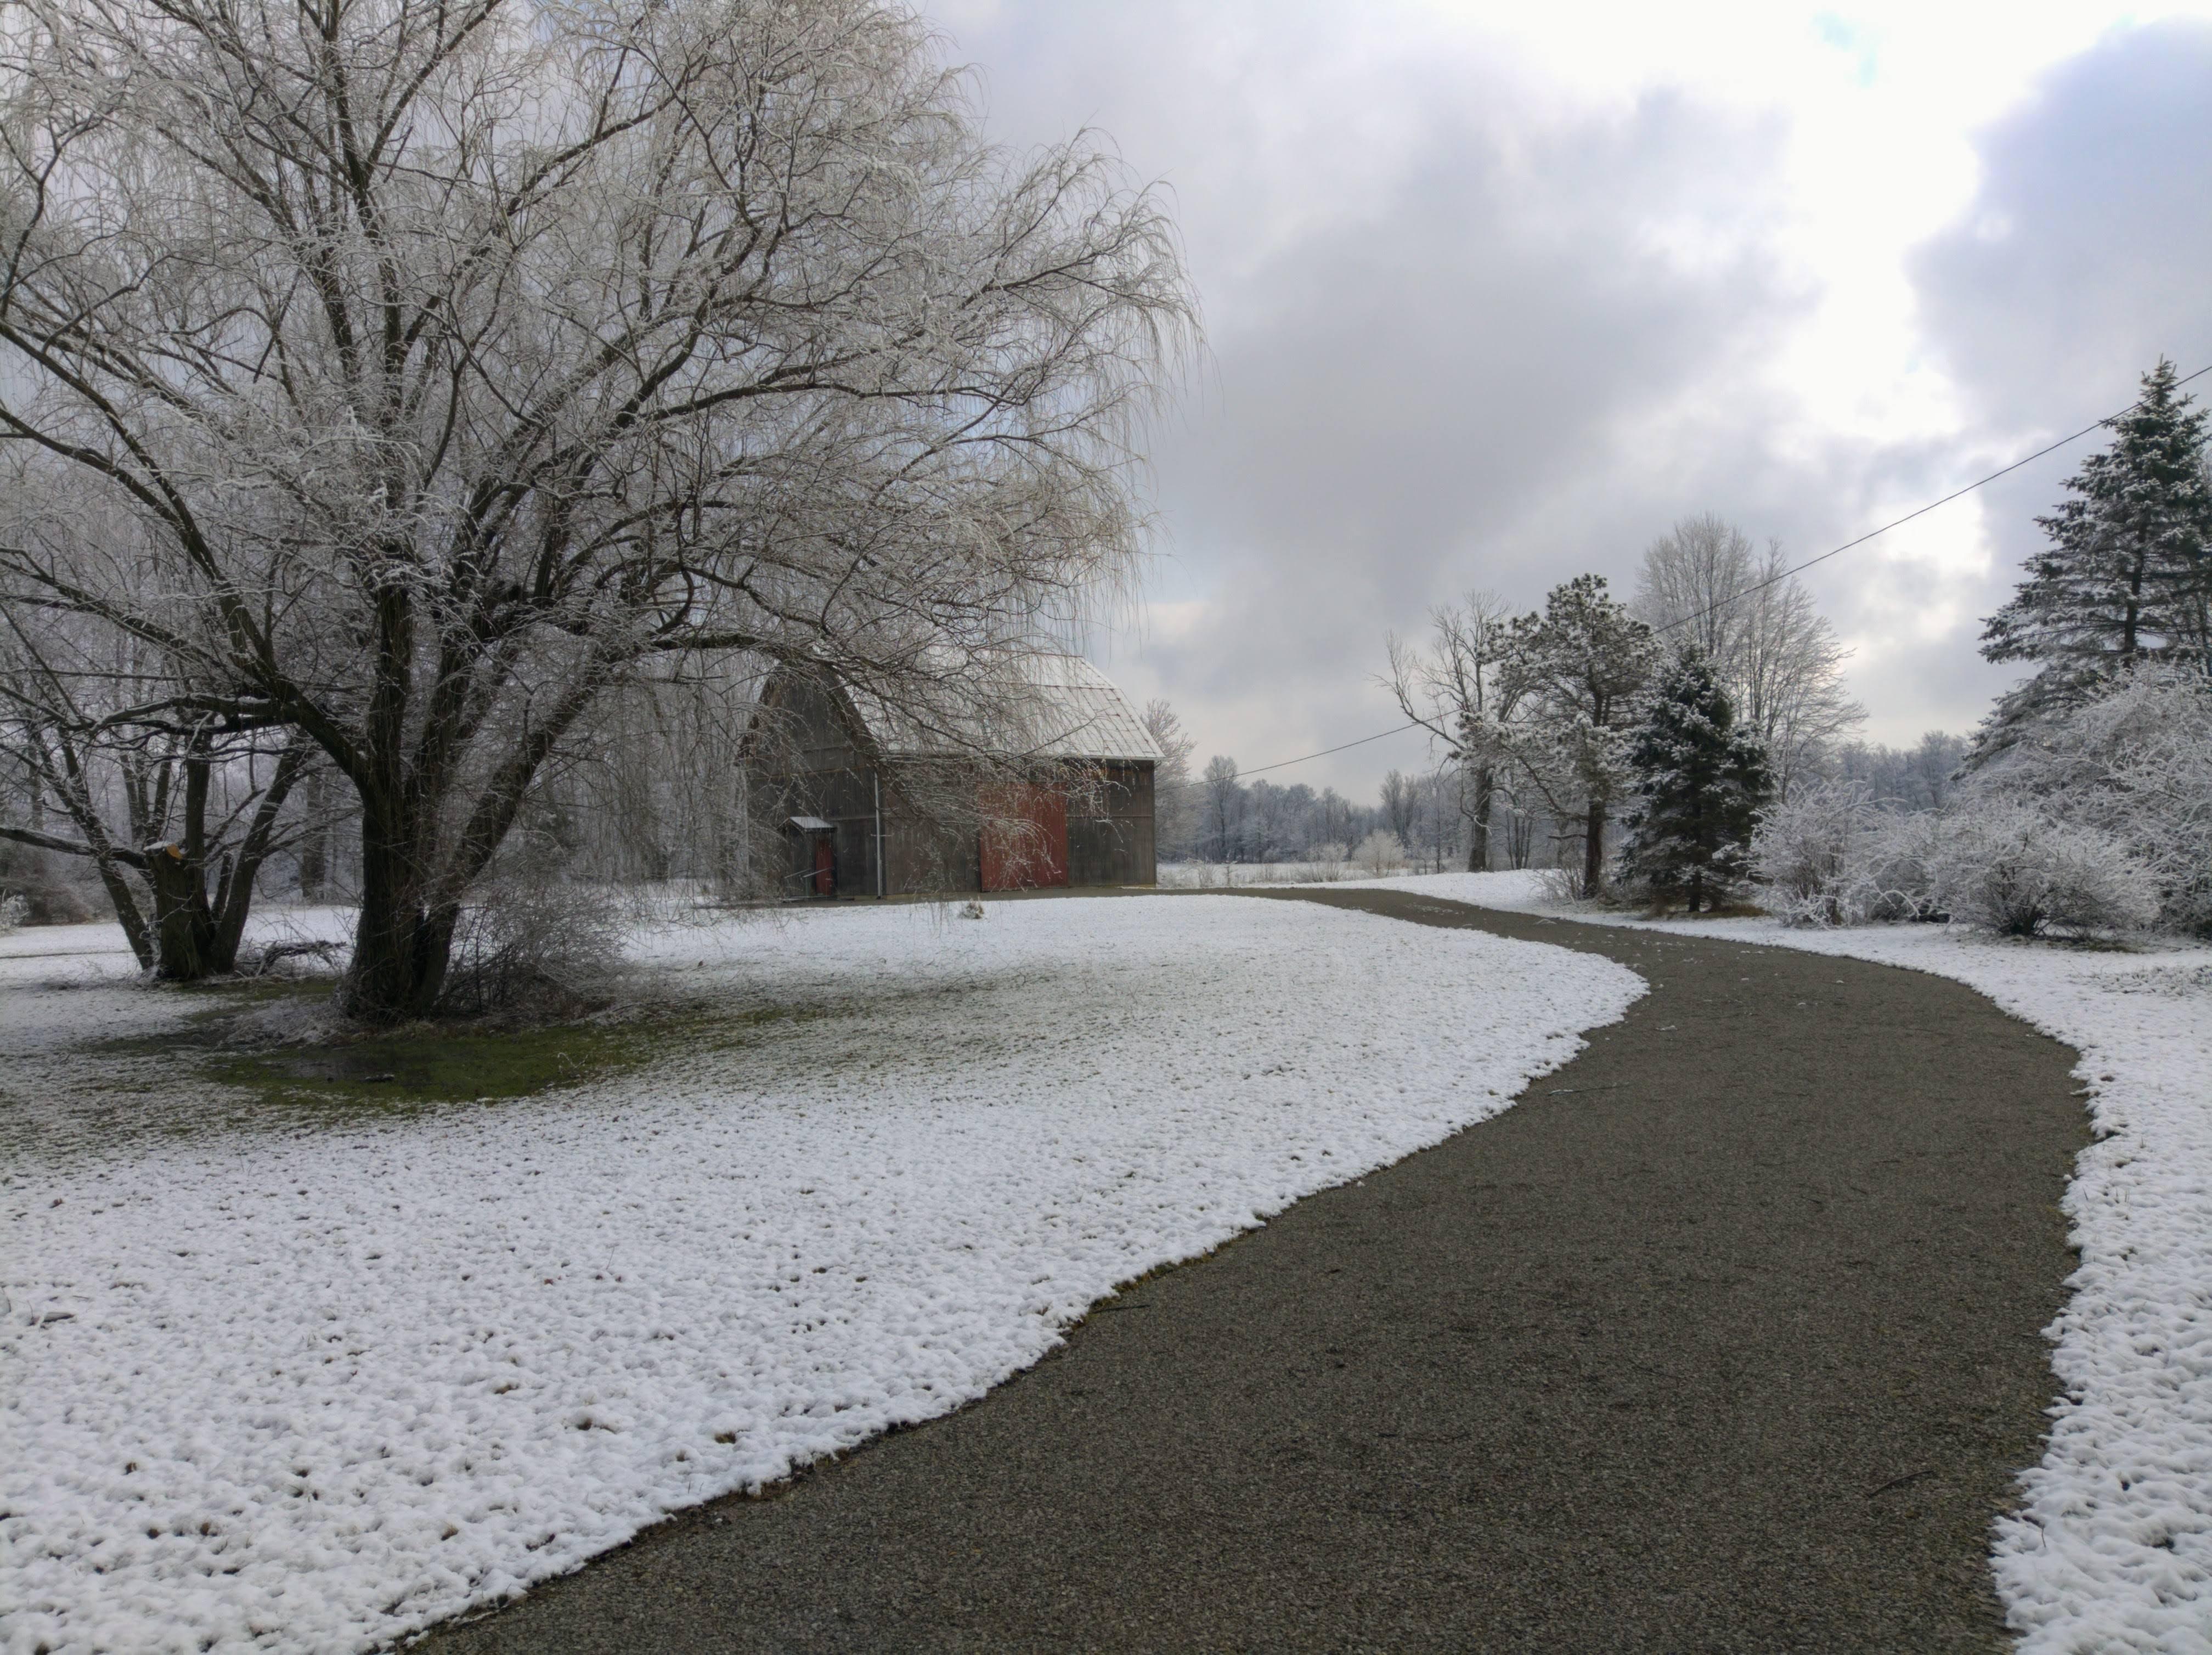 柳, 柳の木, 納屋, 雪の無料の写真素材